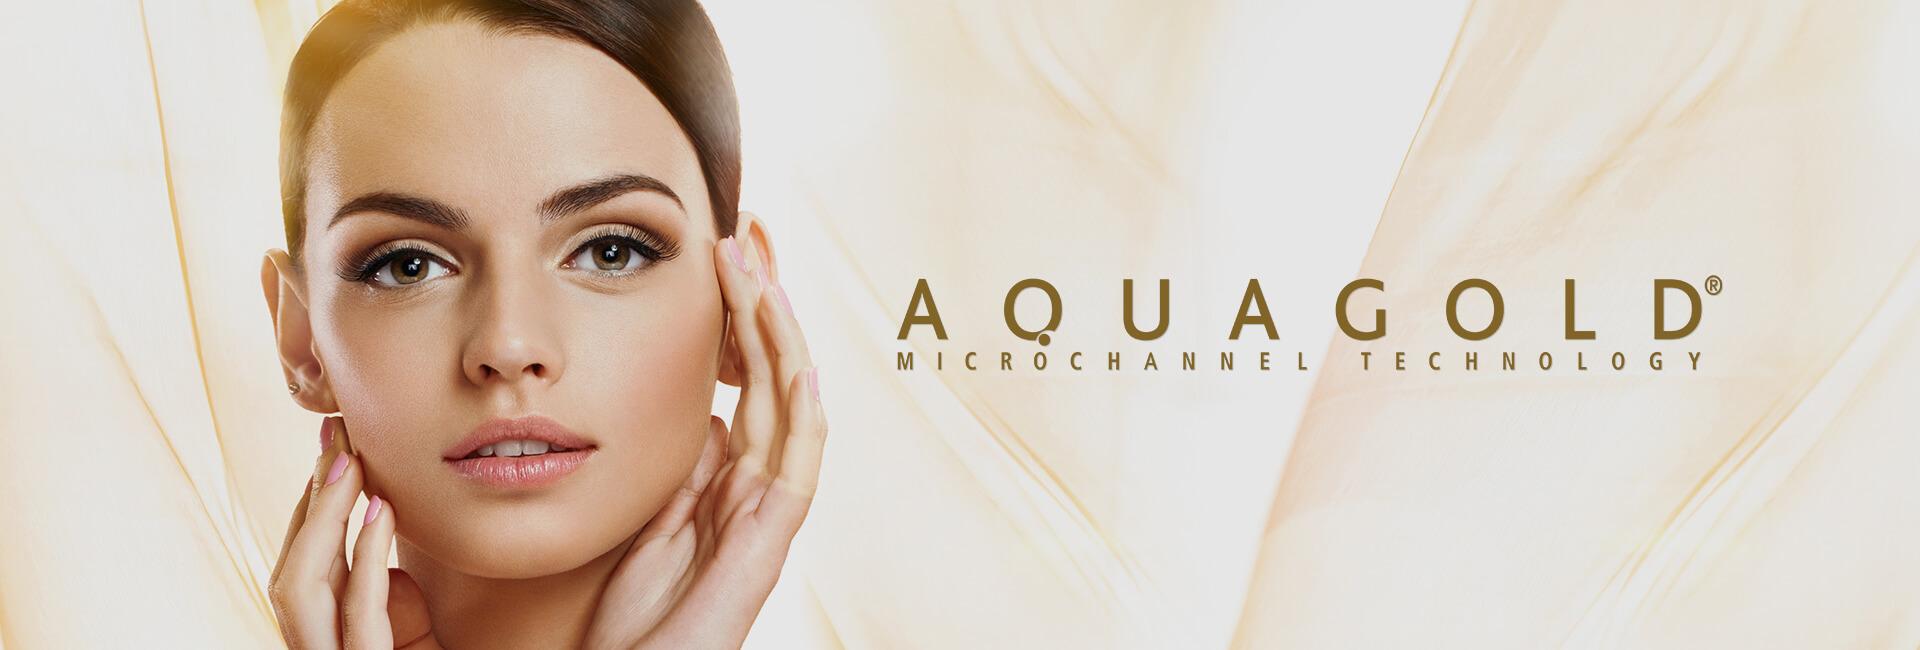 AquaGold Facials